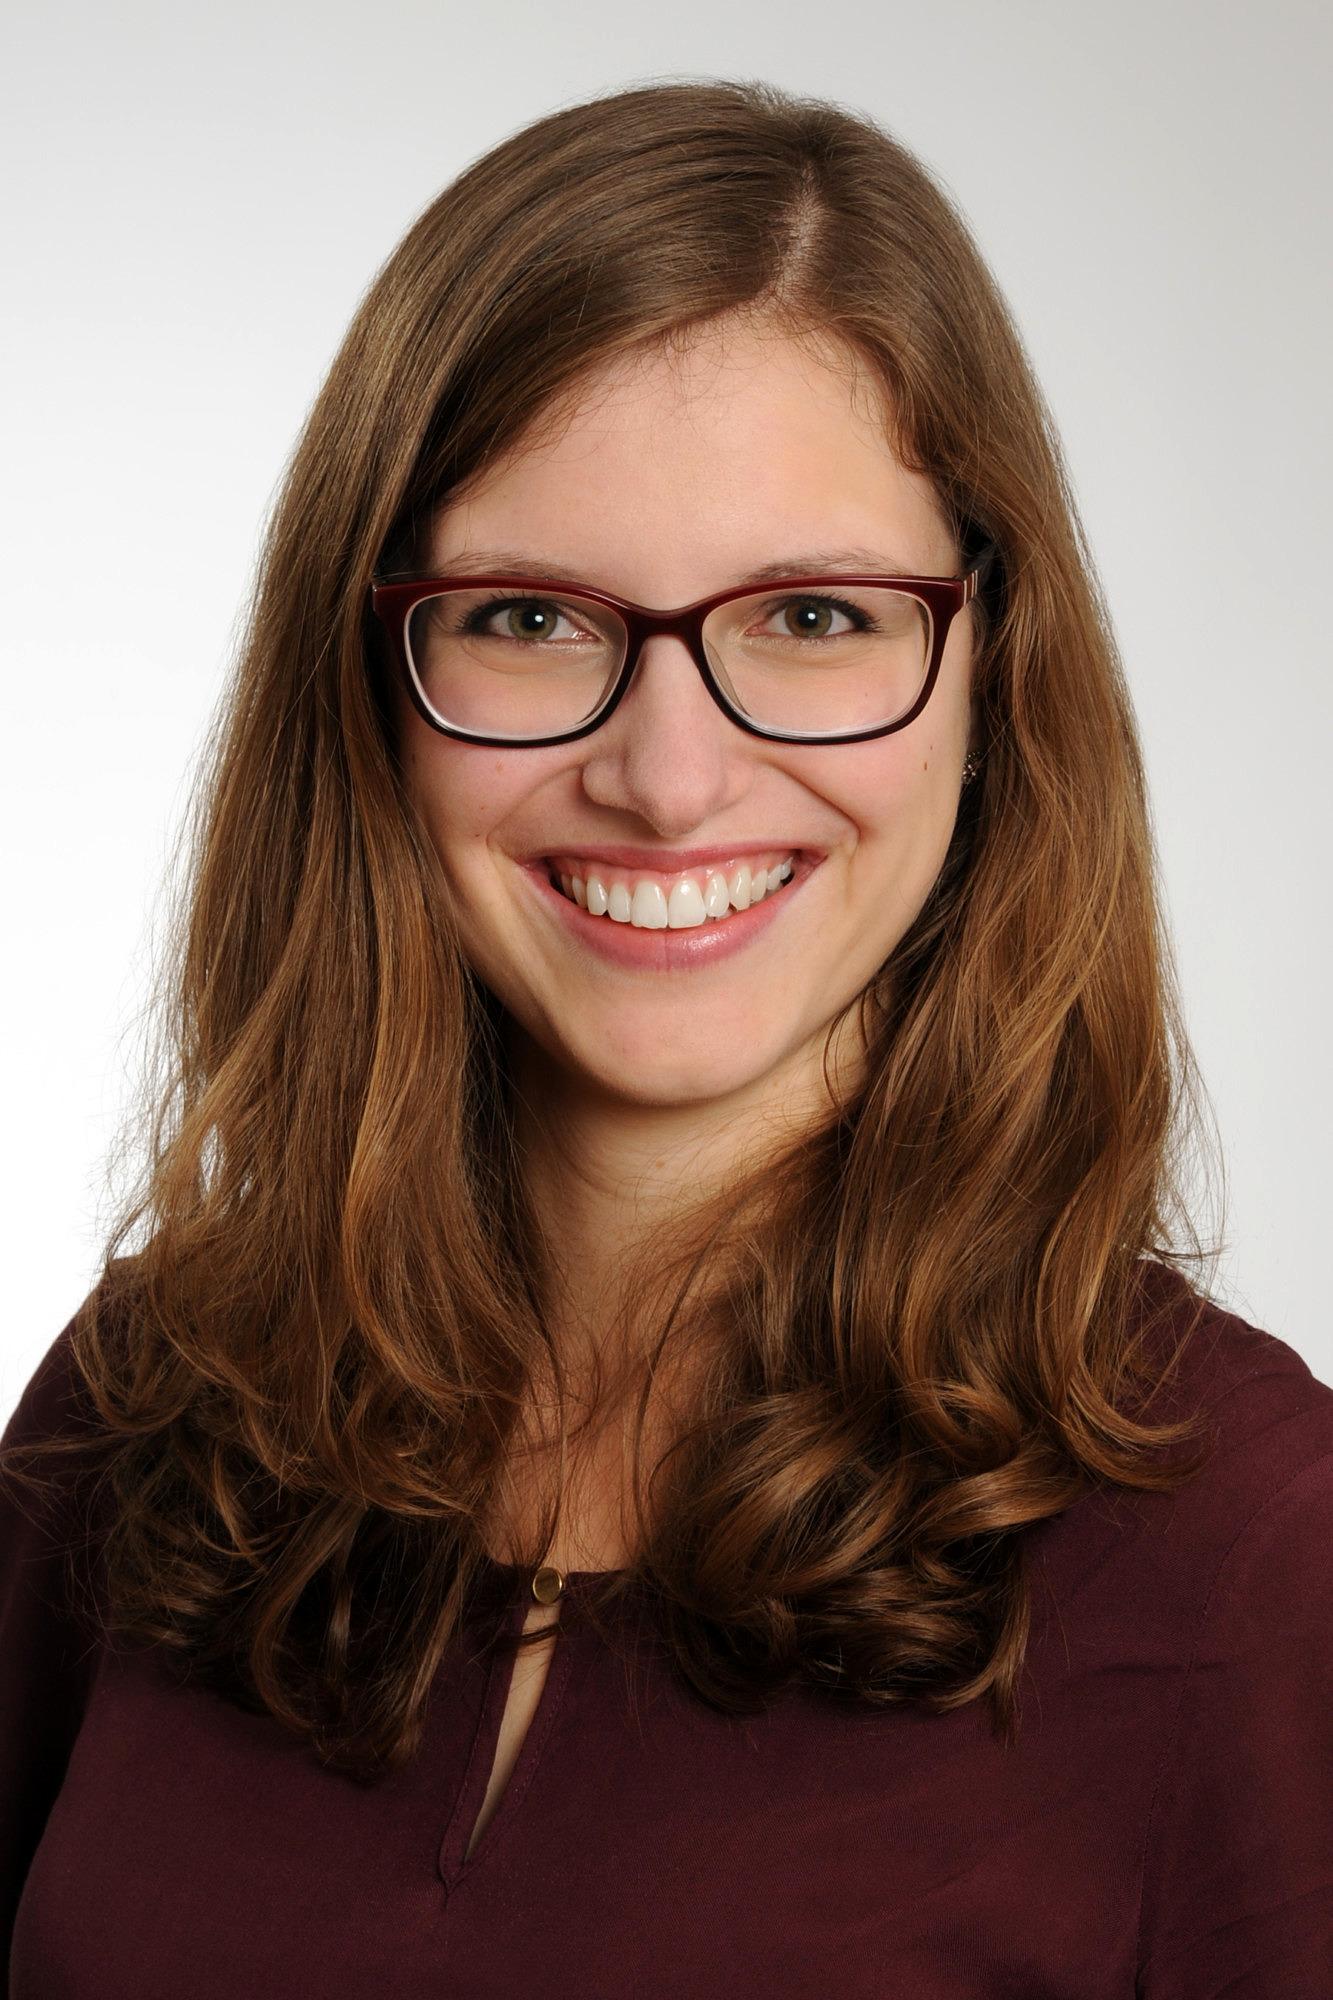 Caroline Swoboda